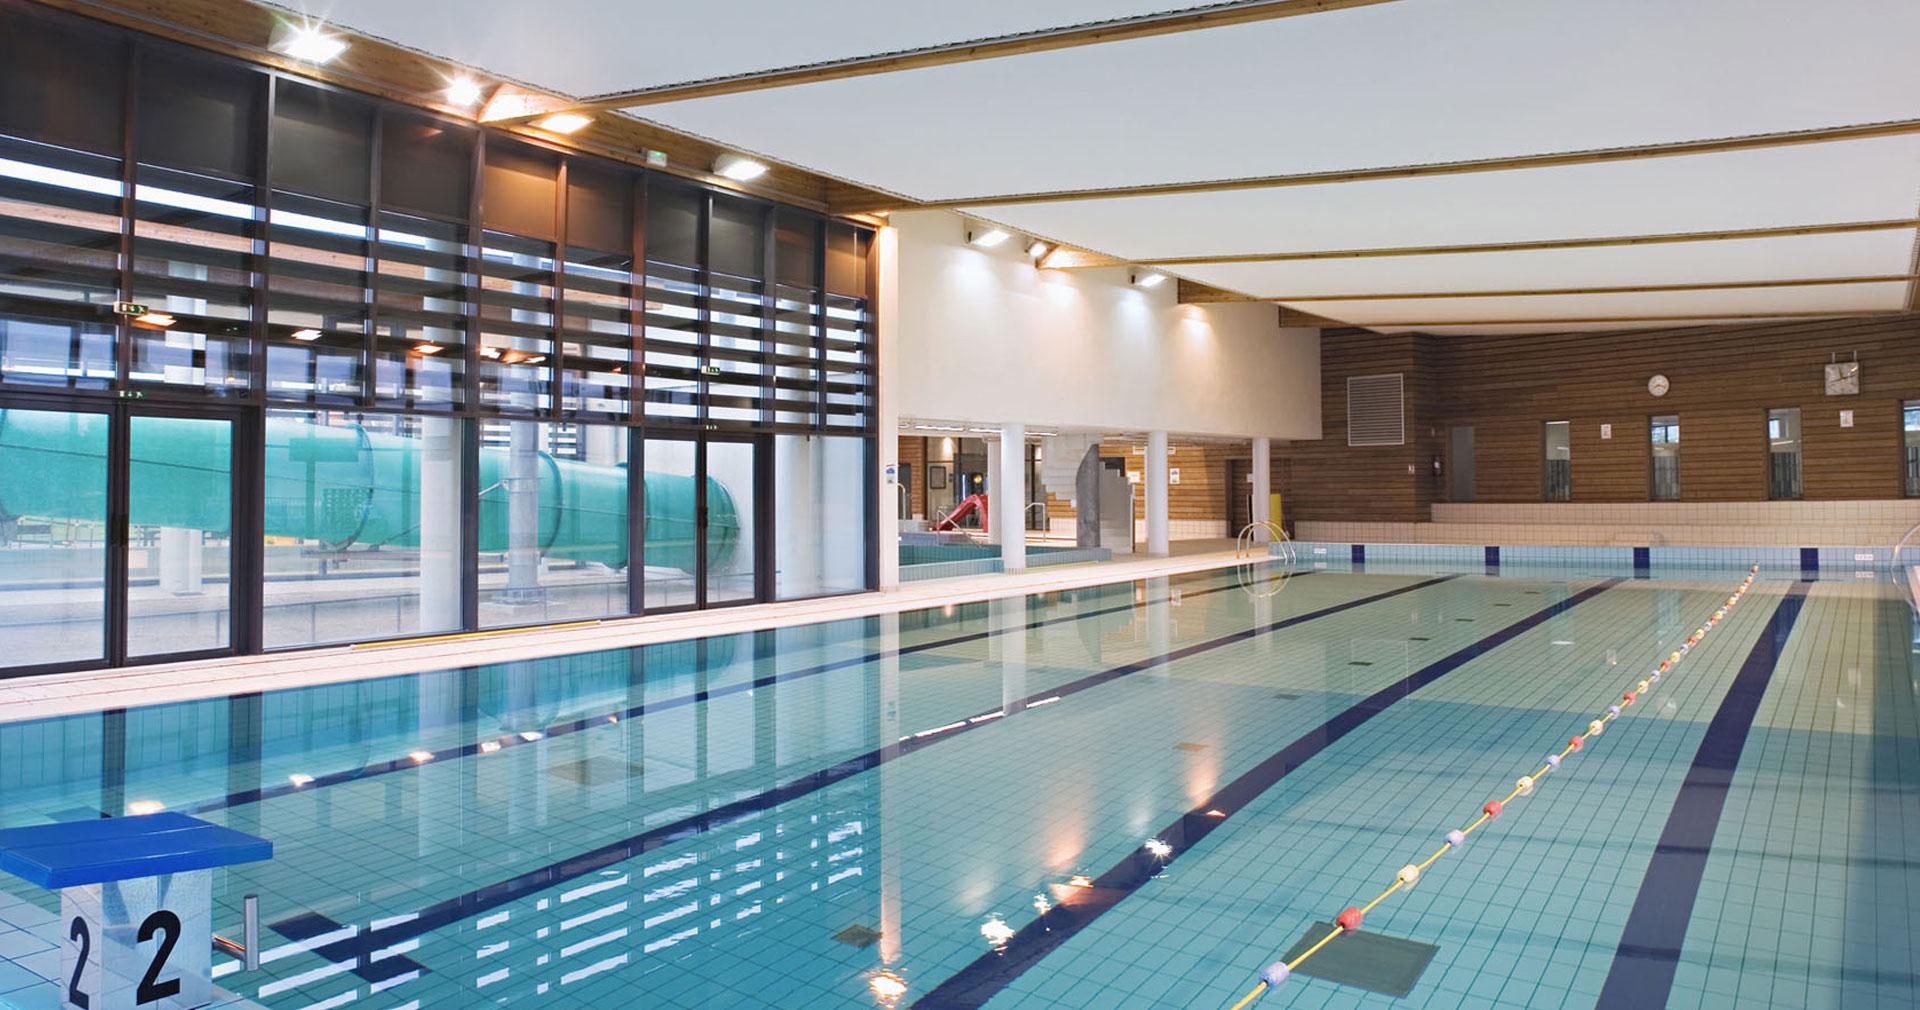 Centre Aquatique – Chécy | Tna Architectes, Paris à Piscine Checy